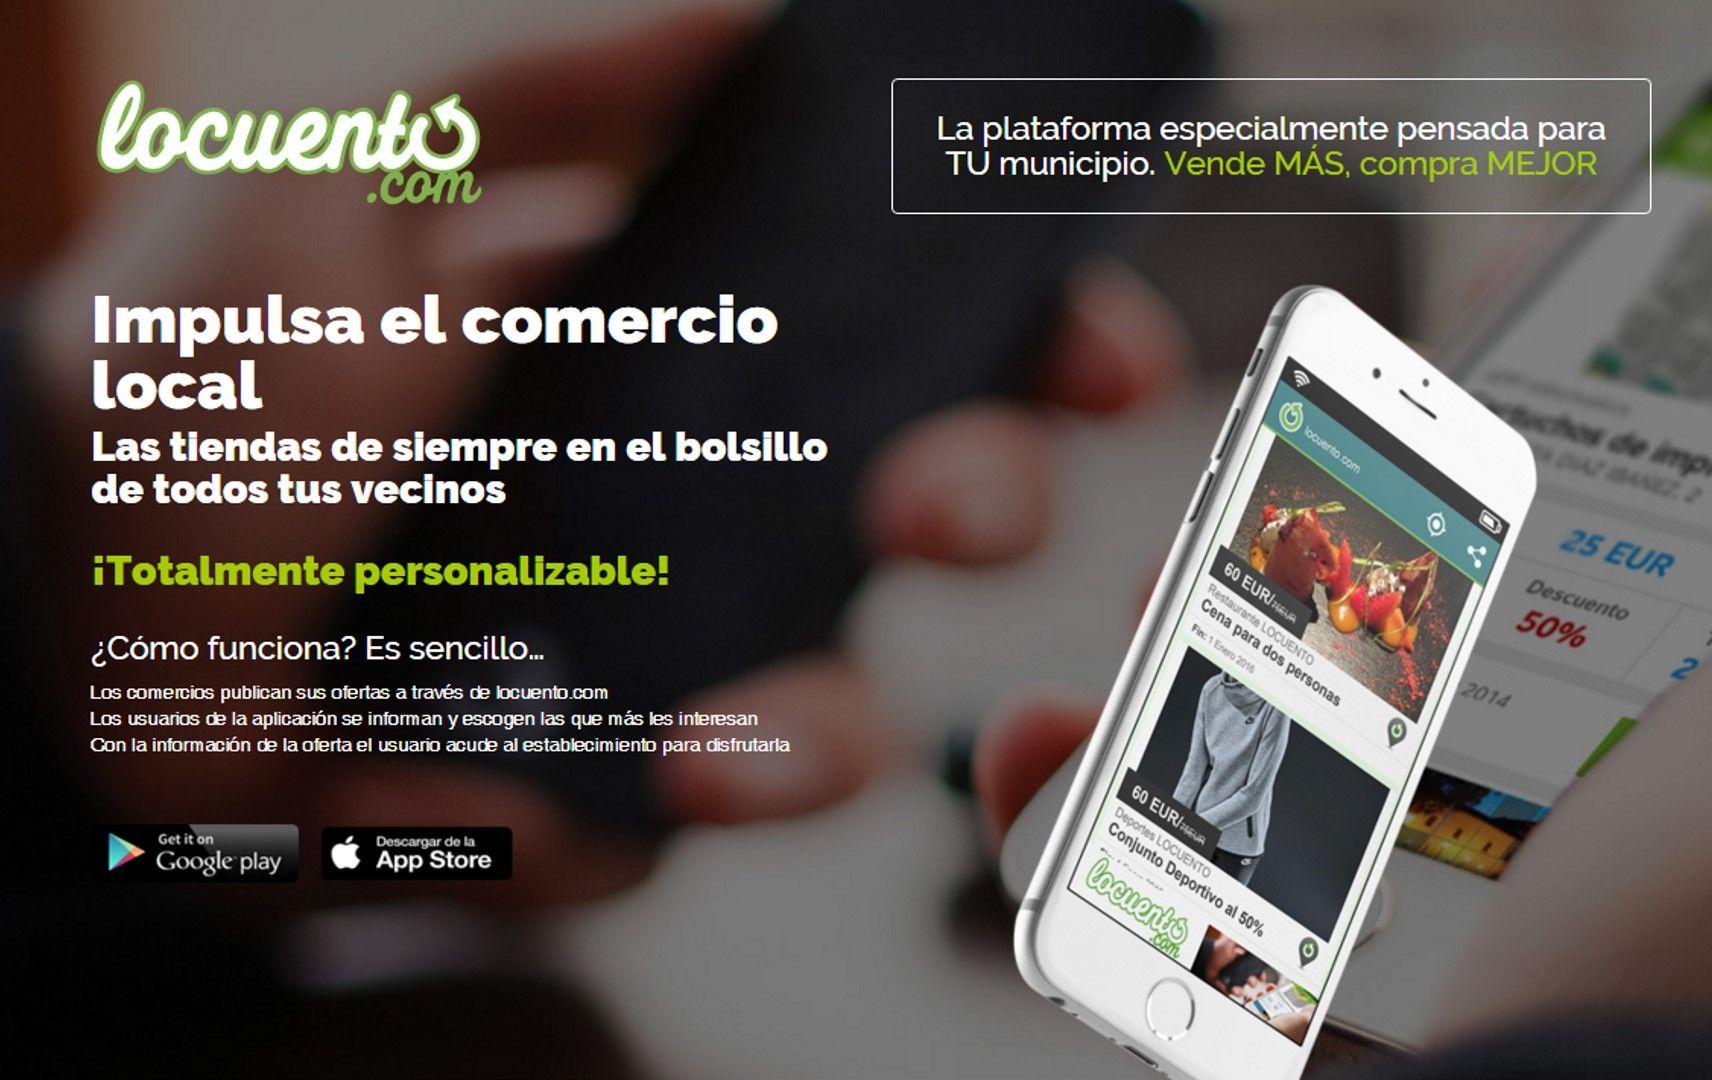 locuento-gestion-ayuntamiento-comercio-local